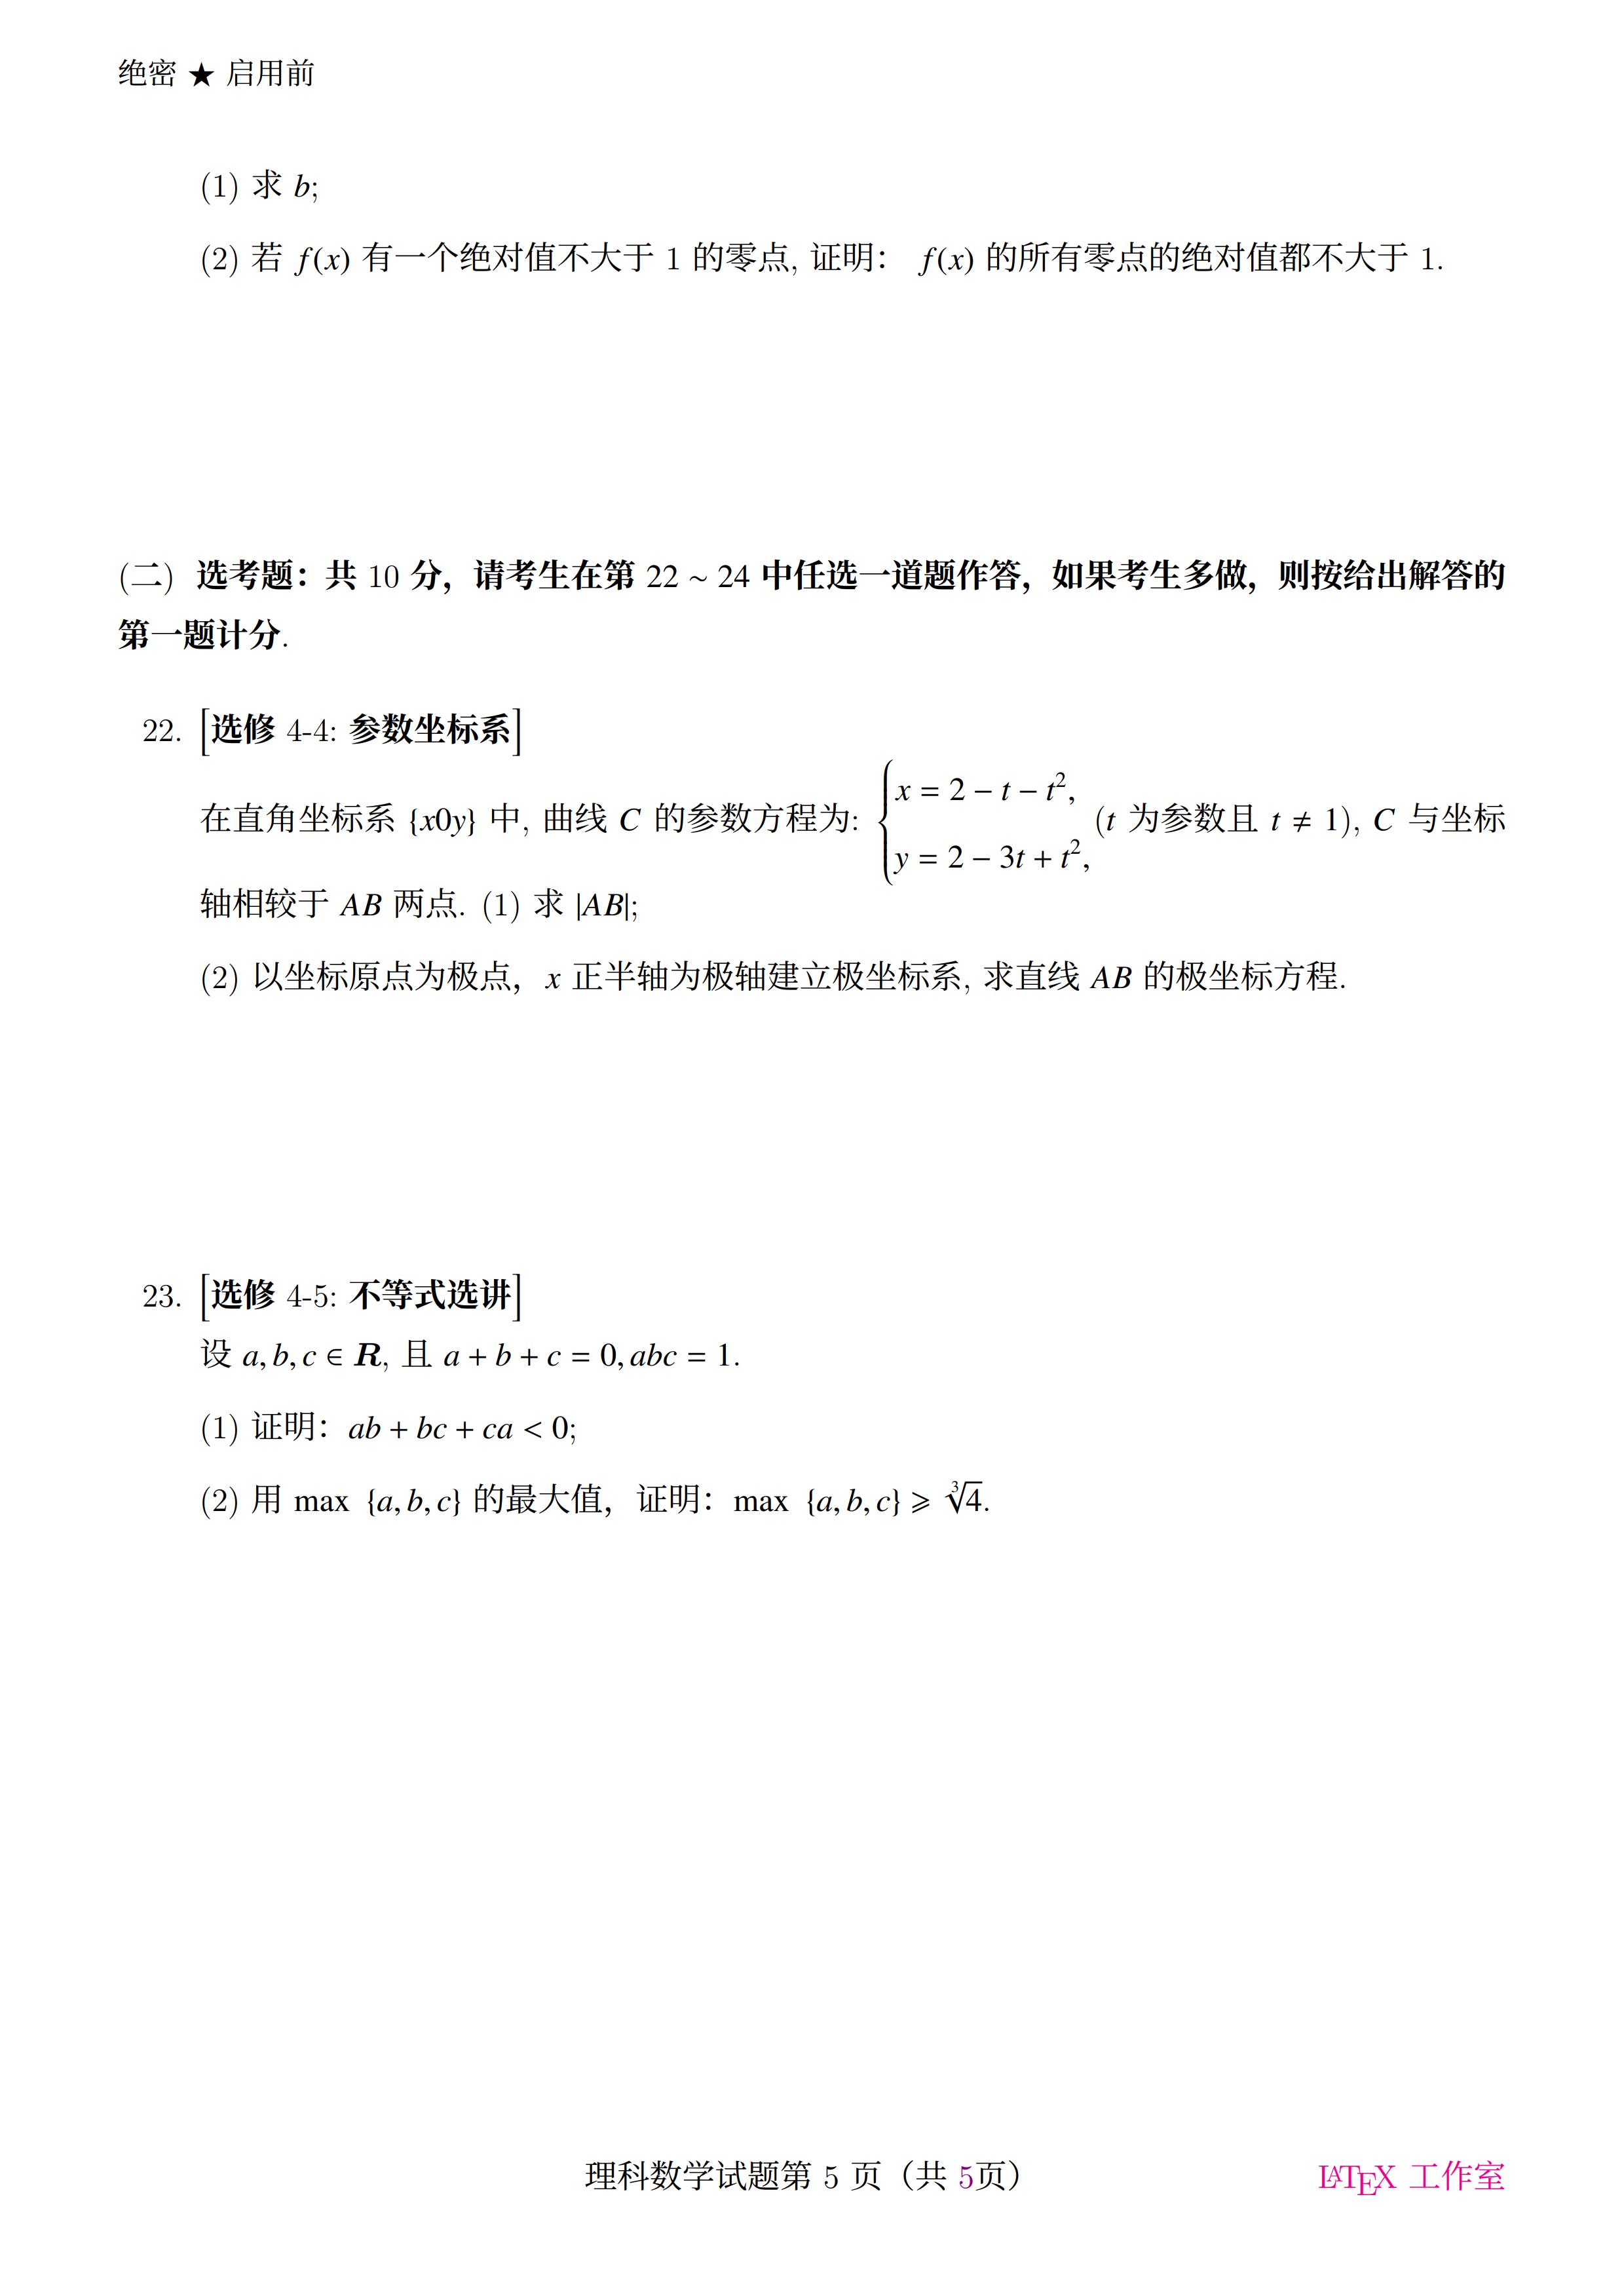 LaTeX 排版 2020年普通高等学校招生全国统一考试数学试卷(全国卷)